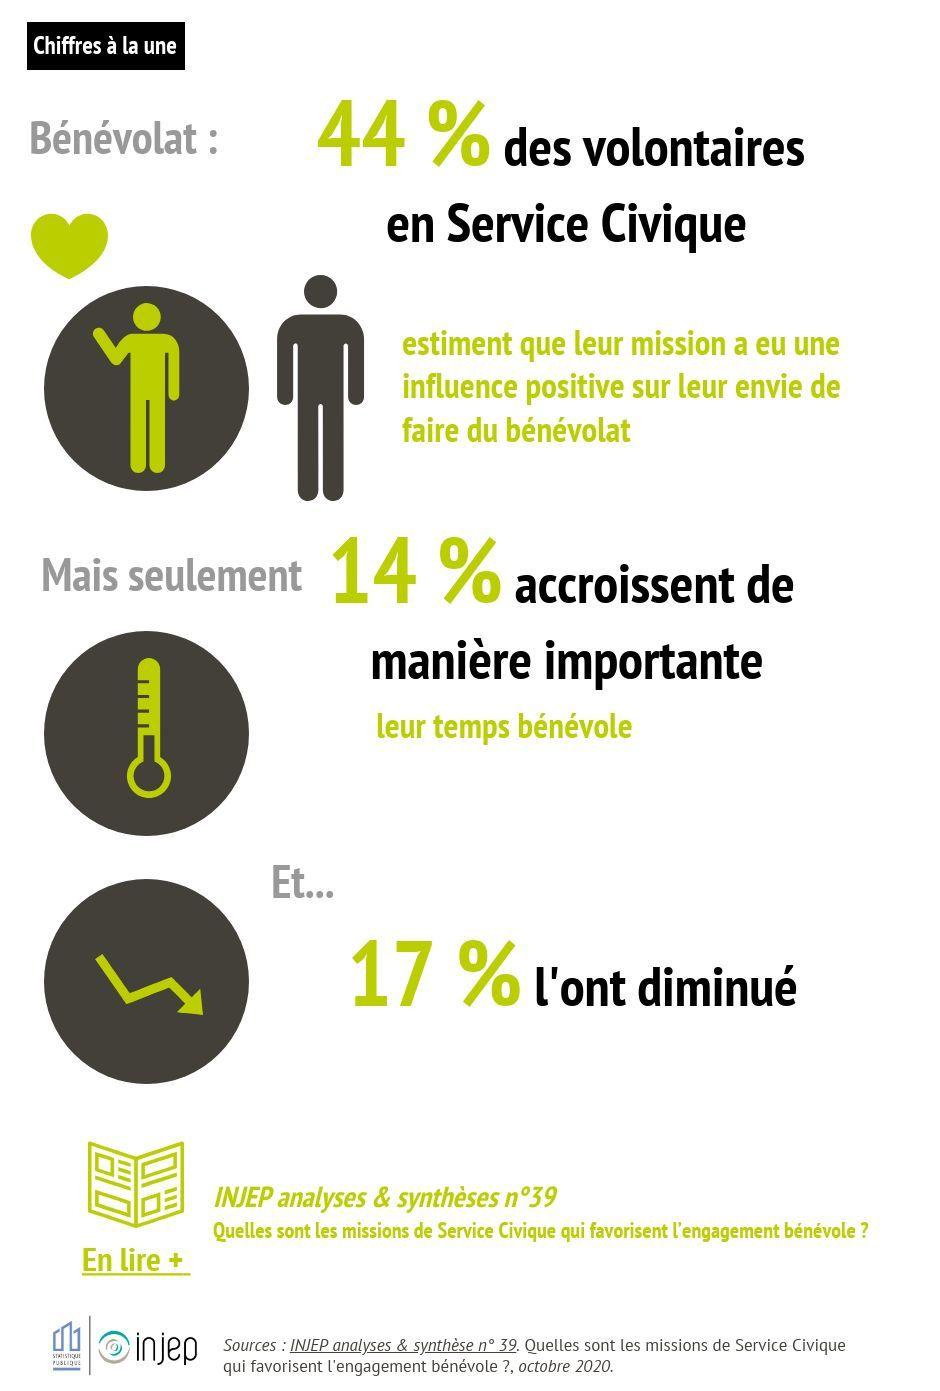 Missions en Service Civique bénéfiques sur l'envie de faire du bénévolat pour 44 % des volontaires